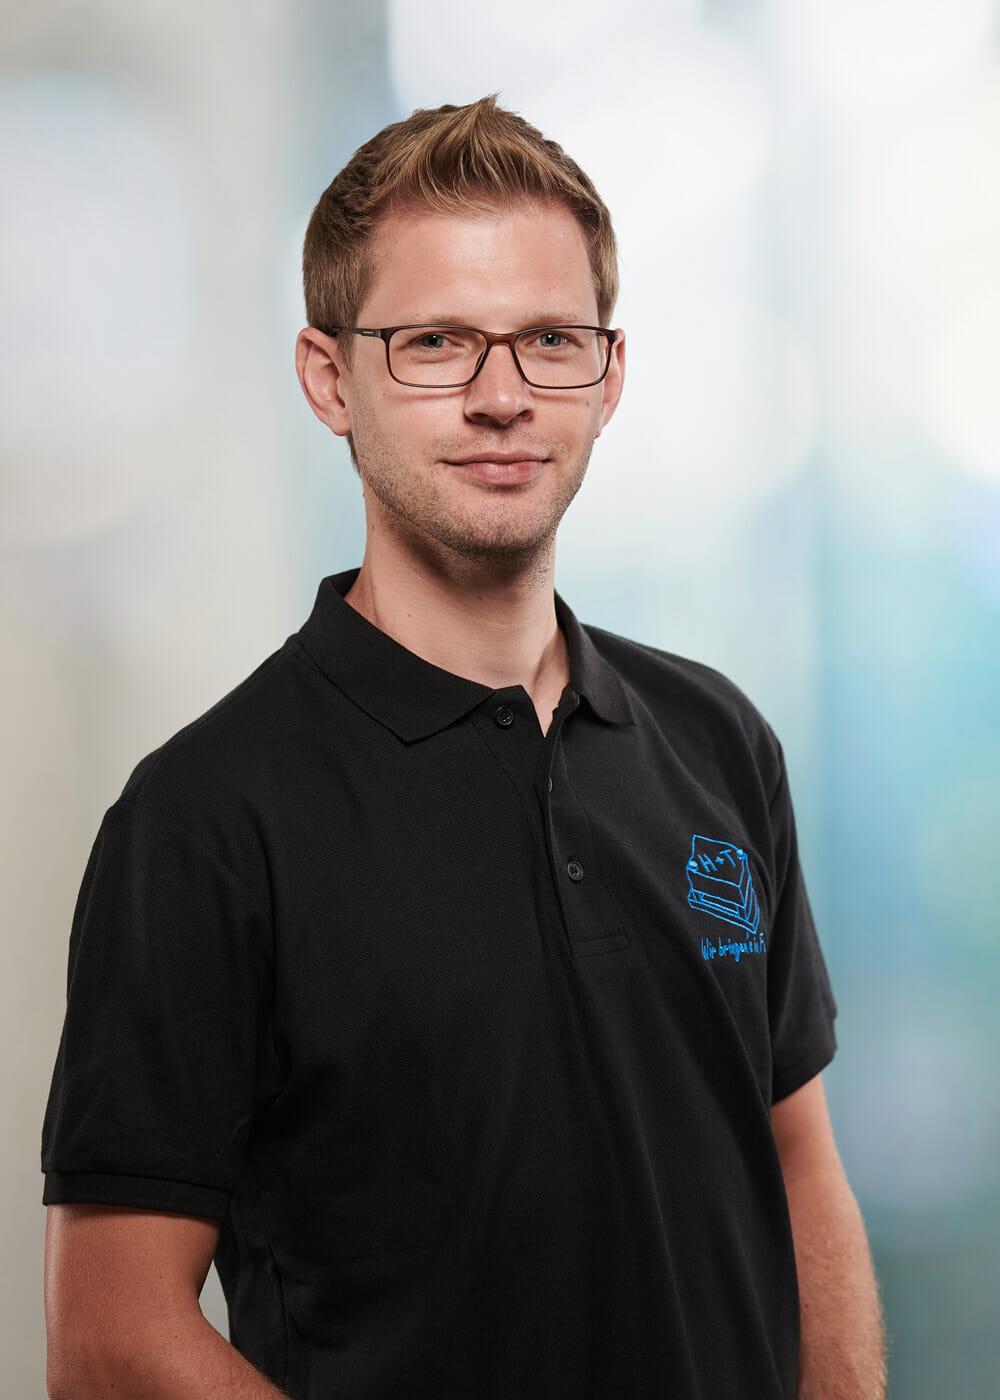 Christian Thienelt